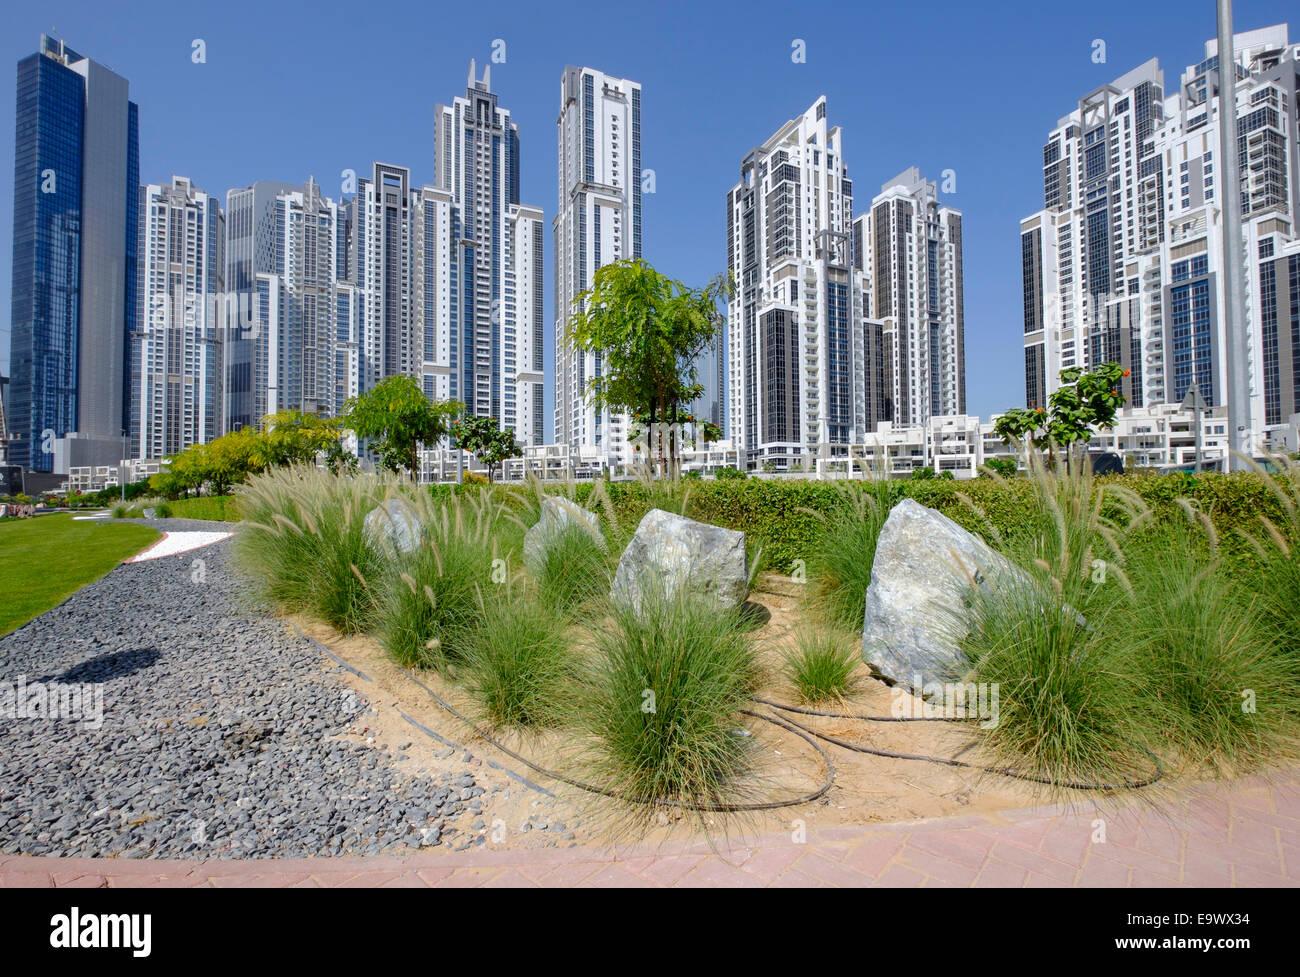 Aménagement moderne dans parc adjacent vacances tours à Bay Avenue development in Business Bay Dubai Emirats Photo Stock